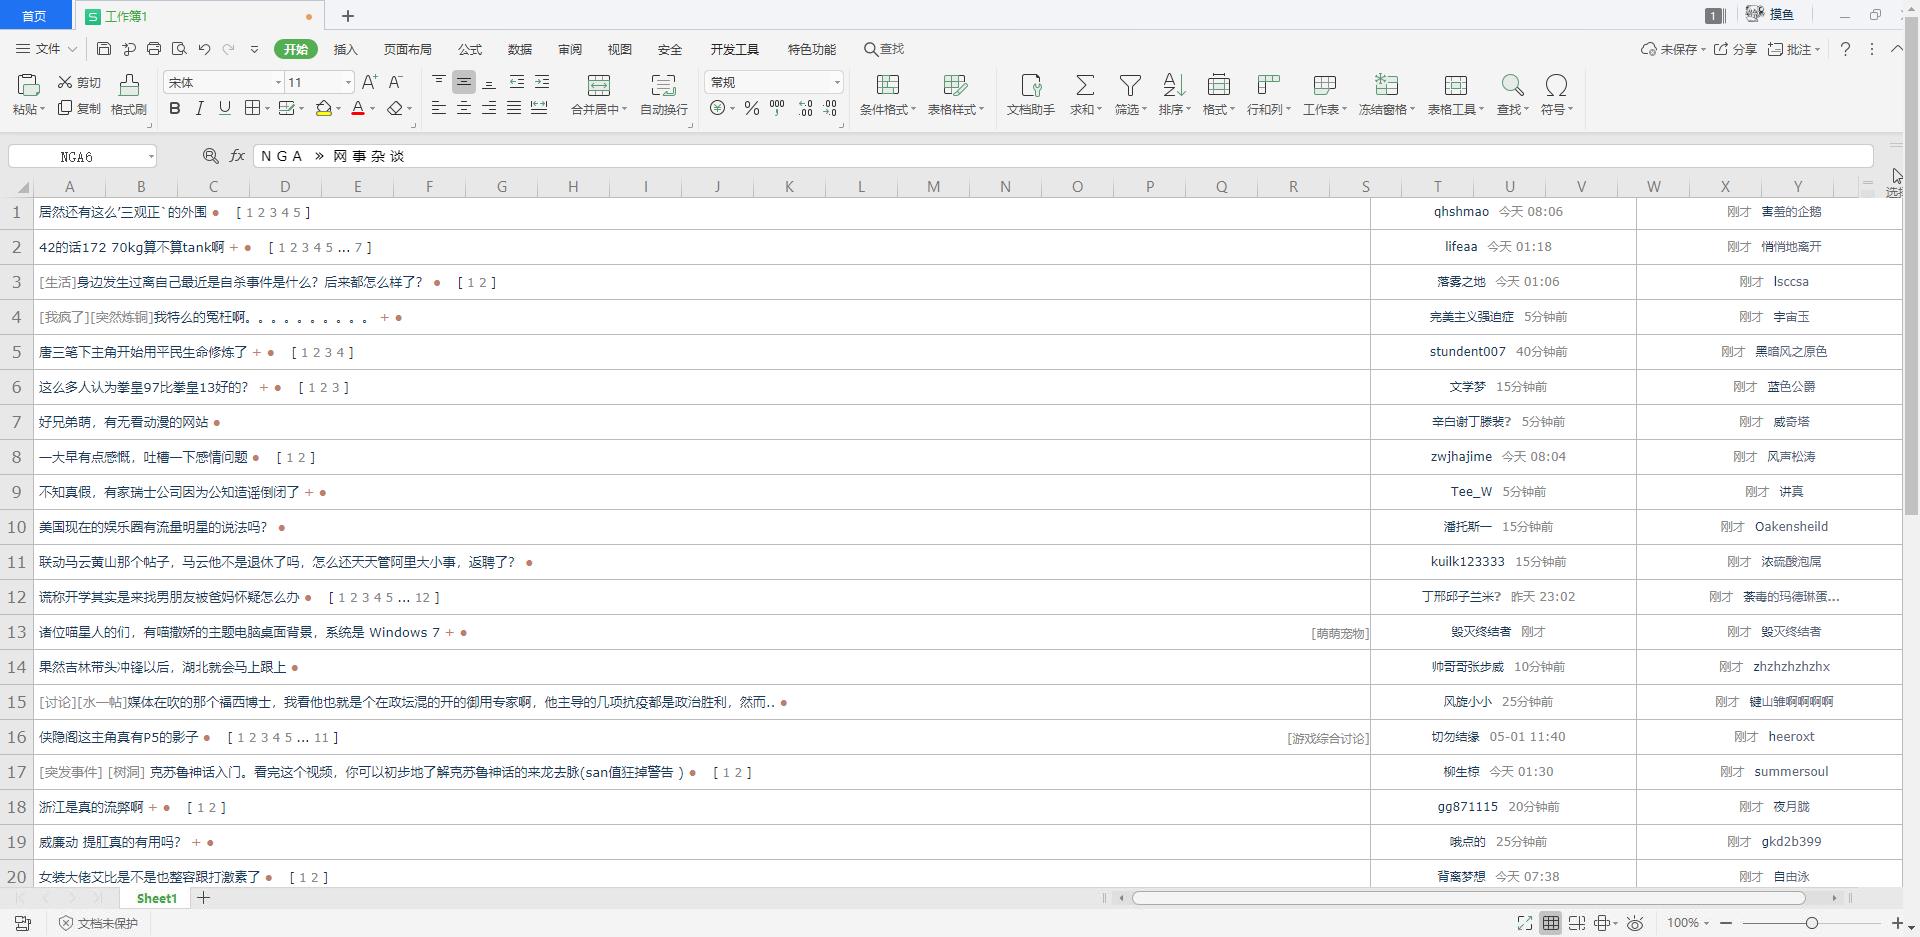 Excel模式预览